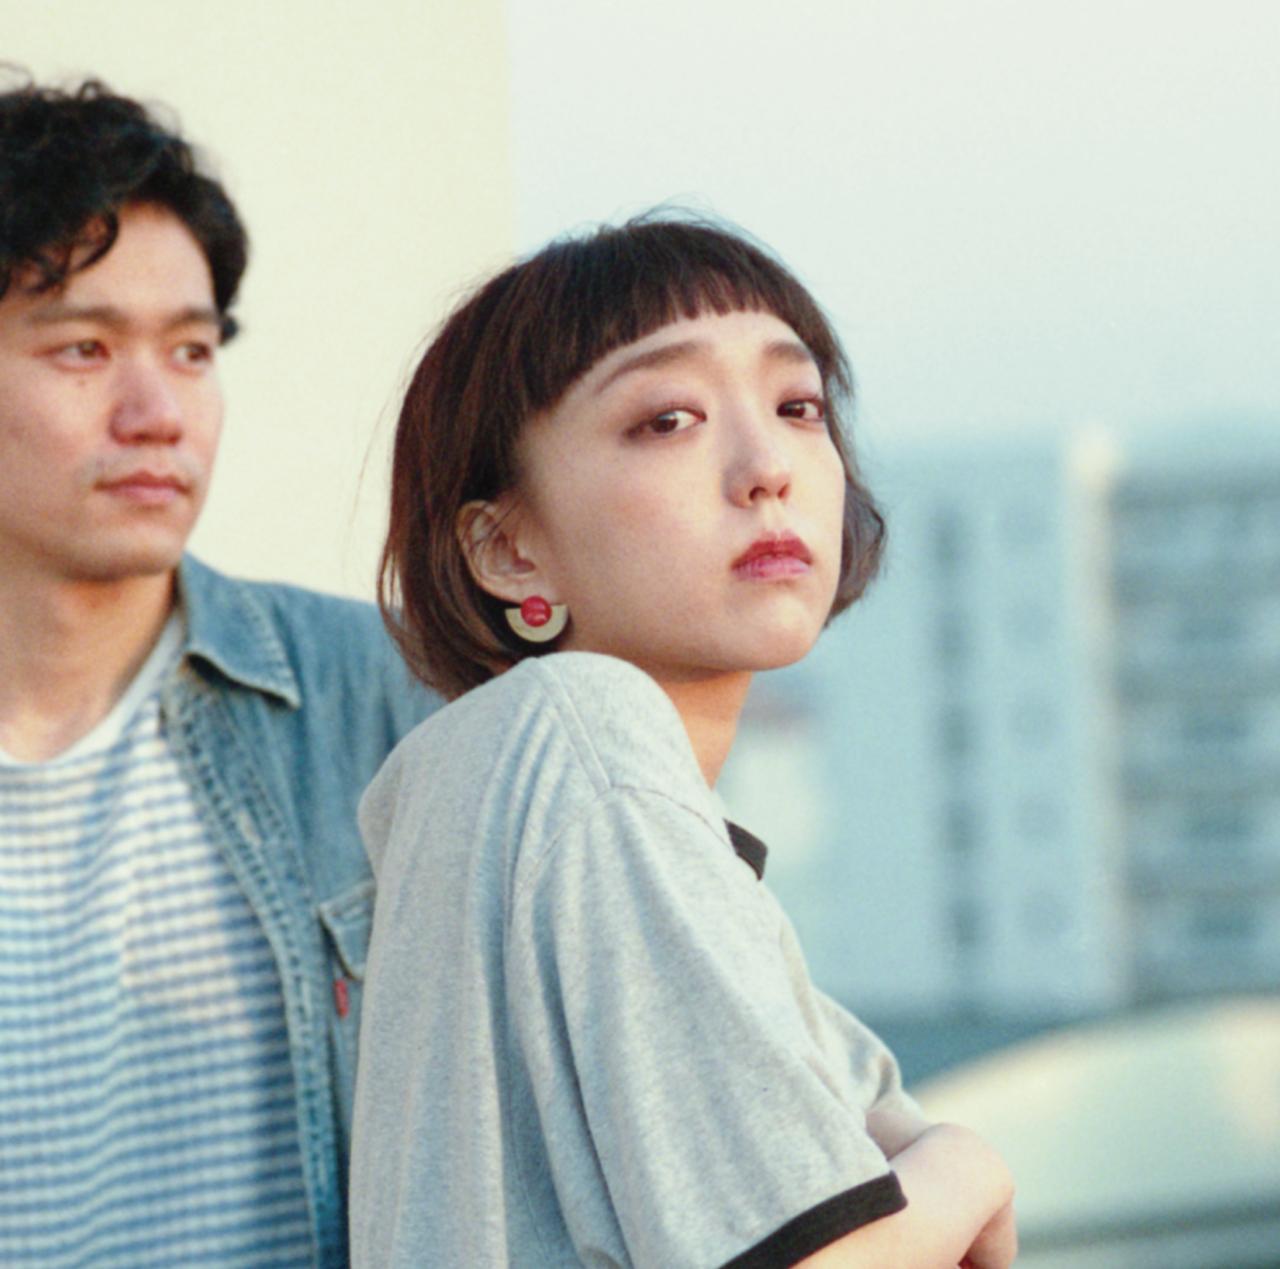 ものんくる 3rdAlbum 『世界はここにしかないって上手に言って』